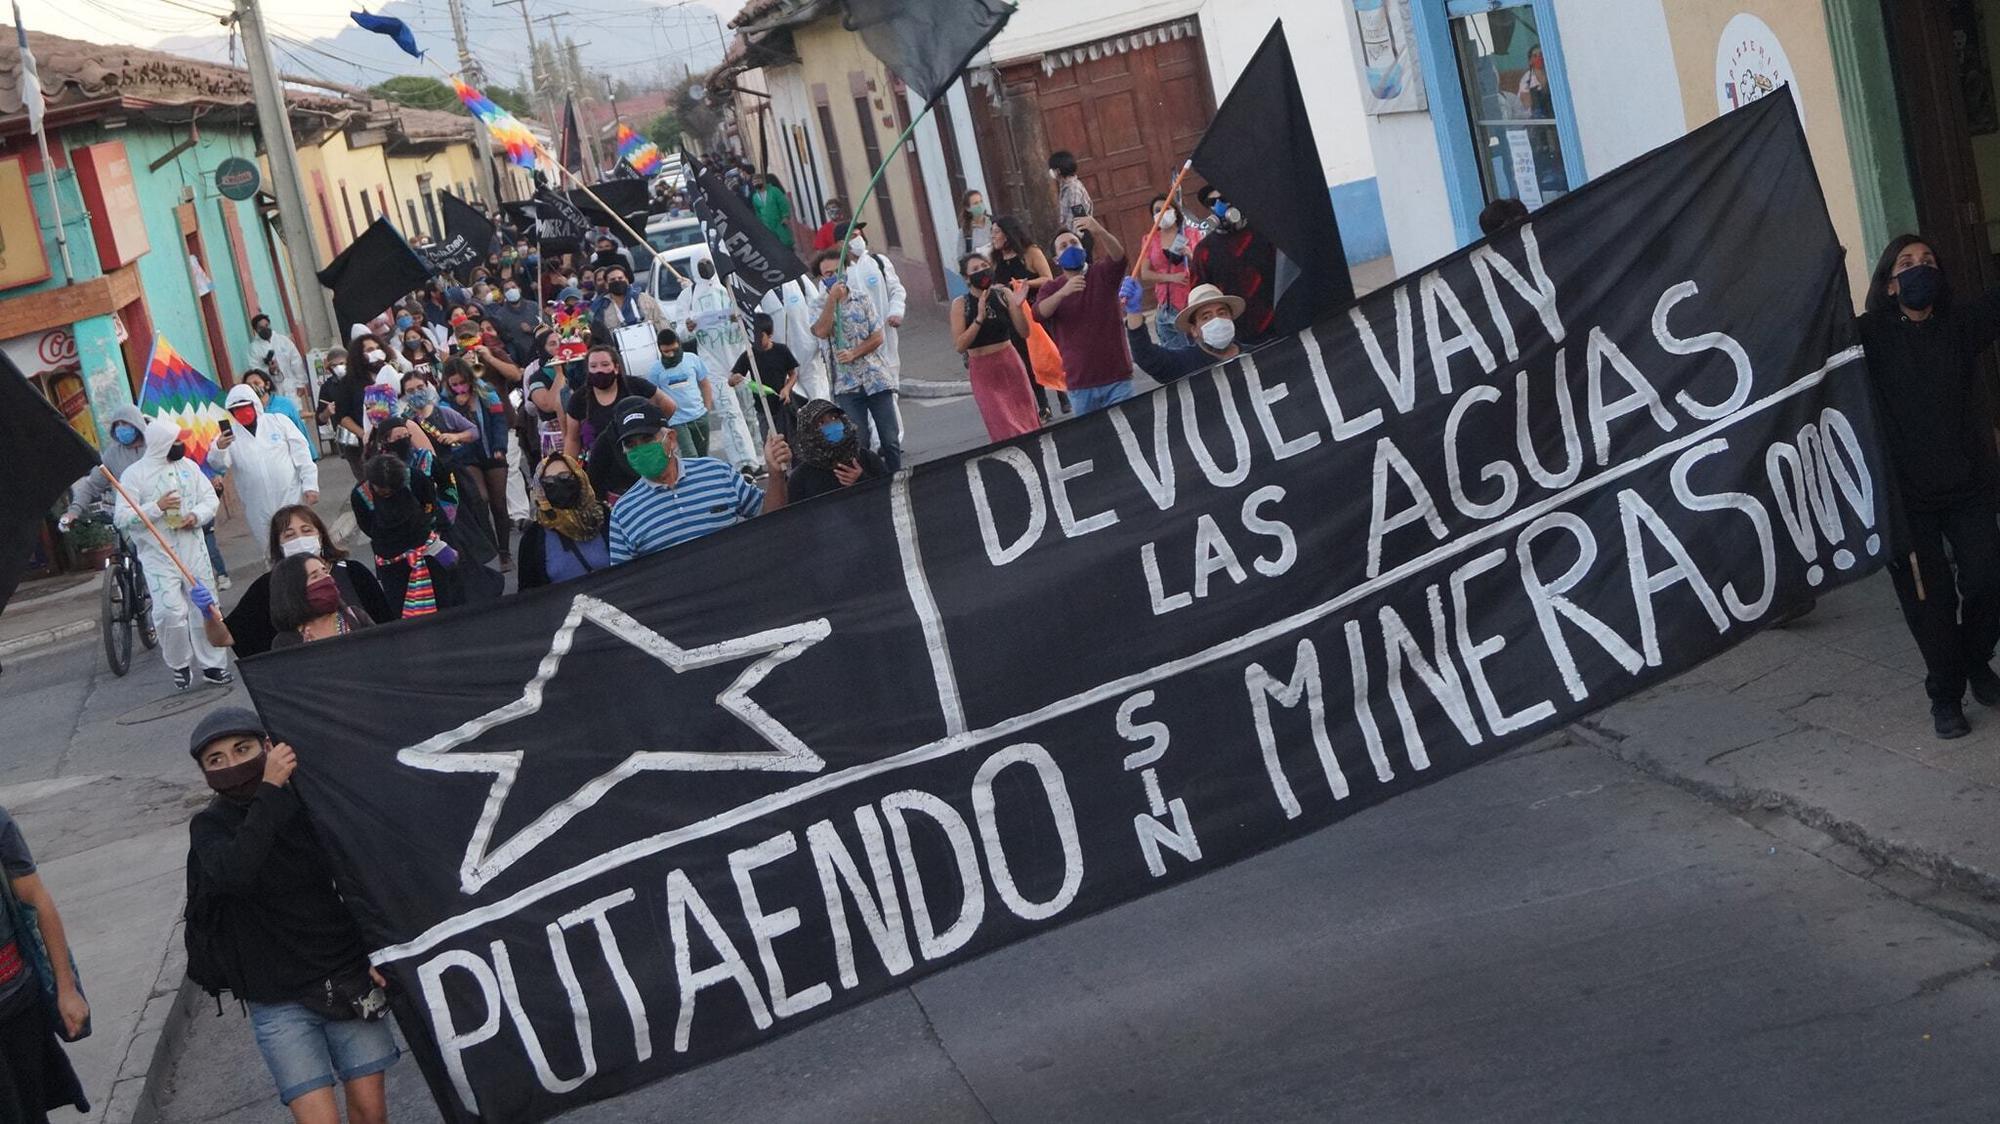 Protesta-Putaendo